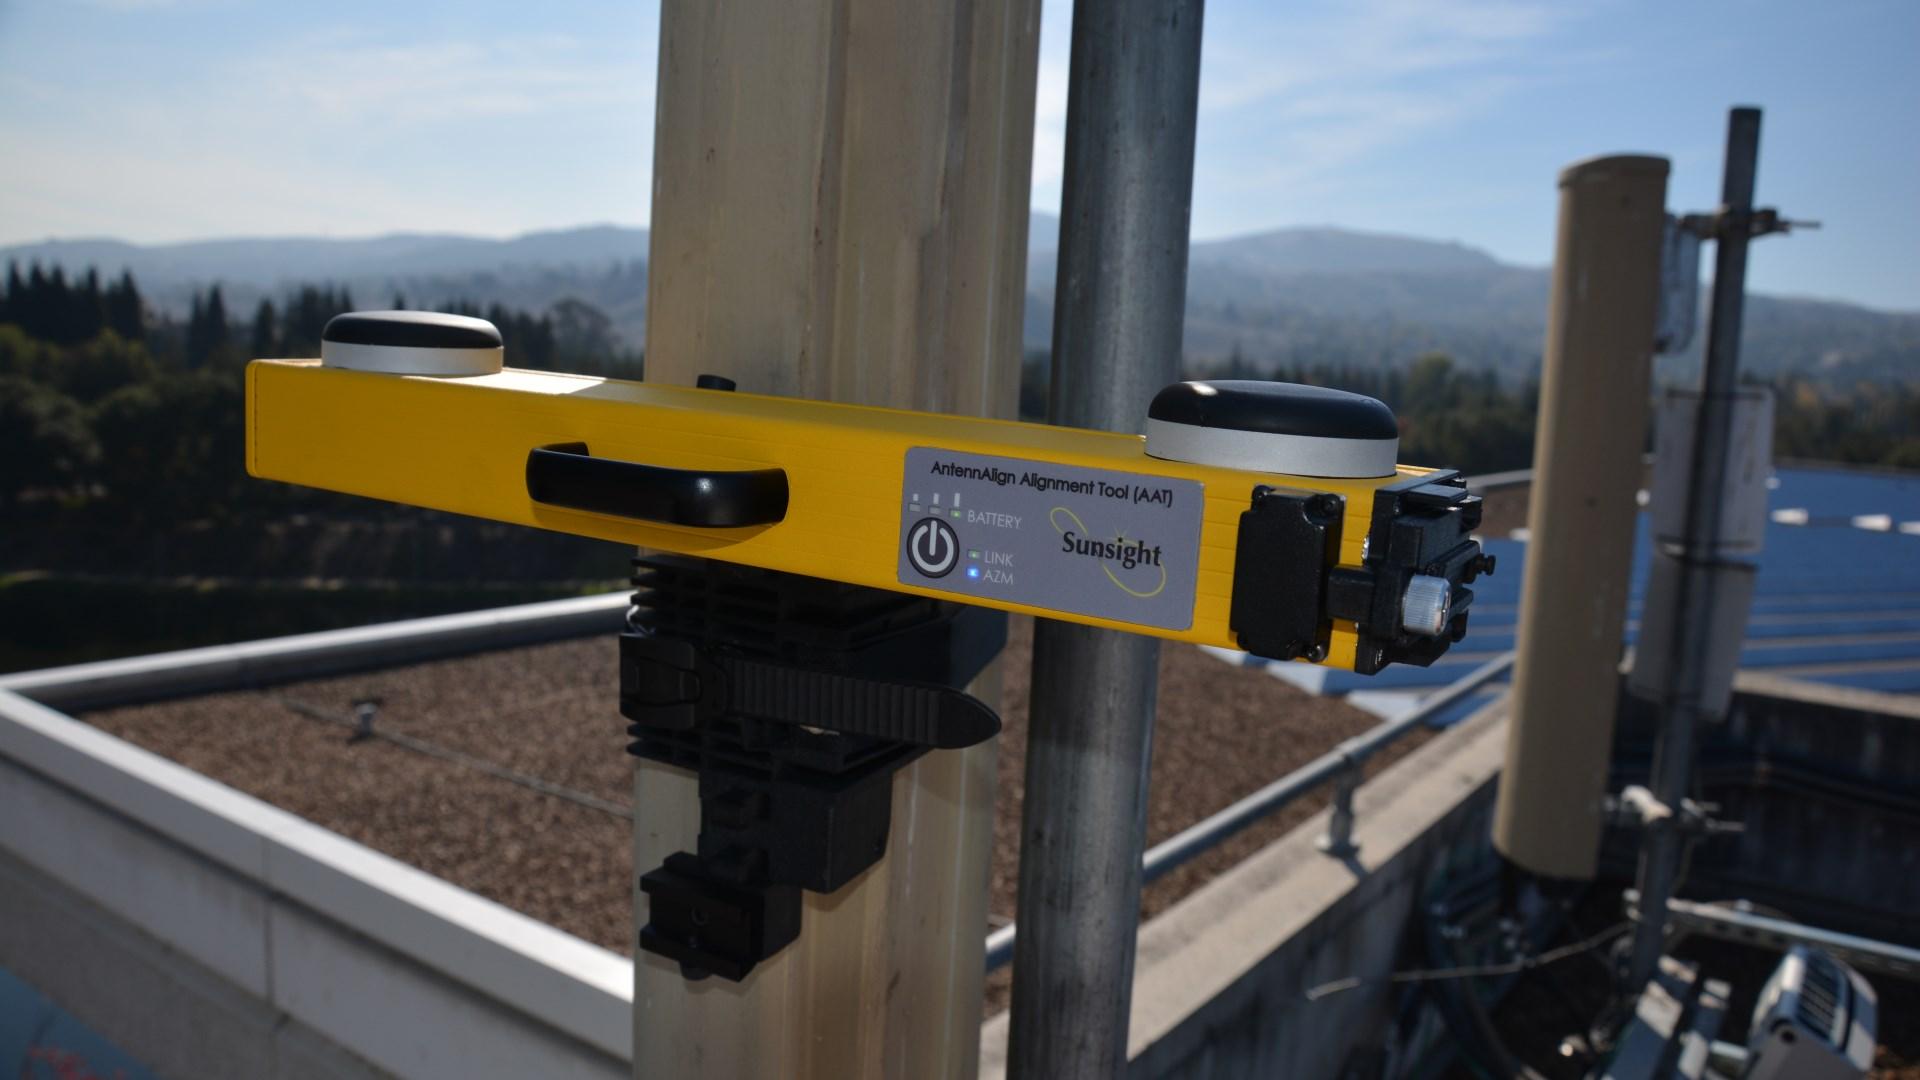 antenna alignment tool aat antenna